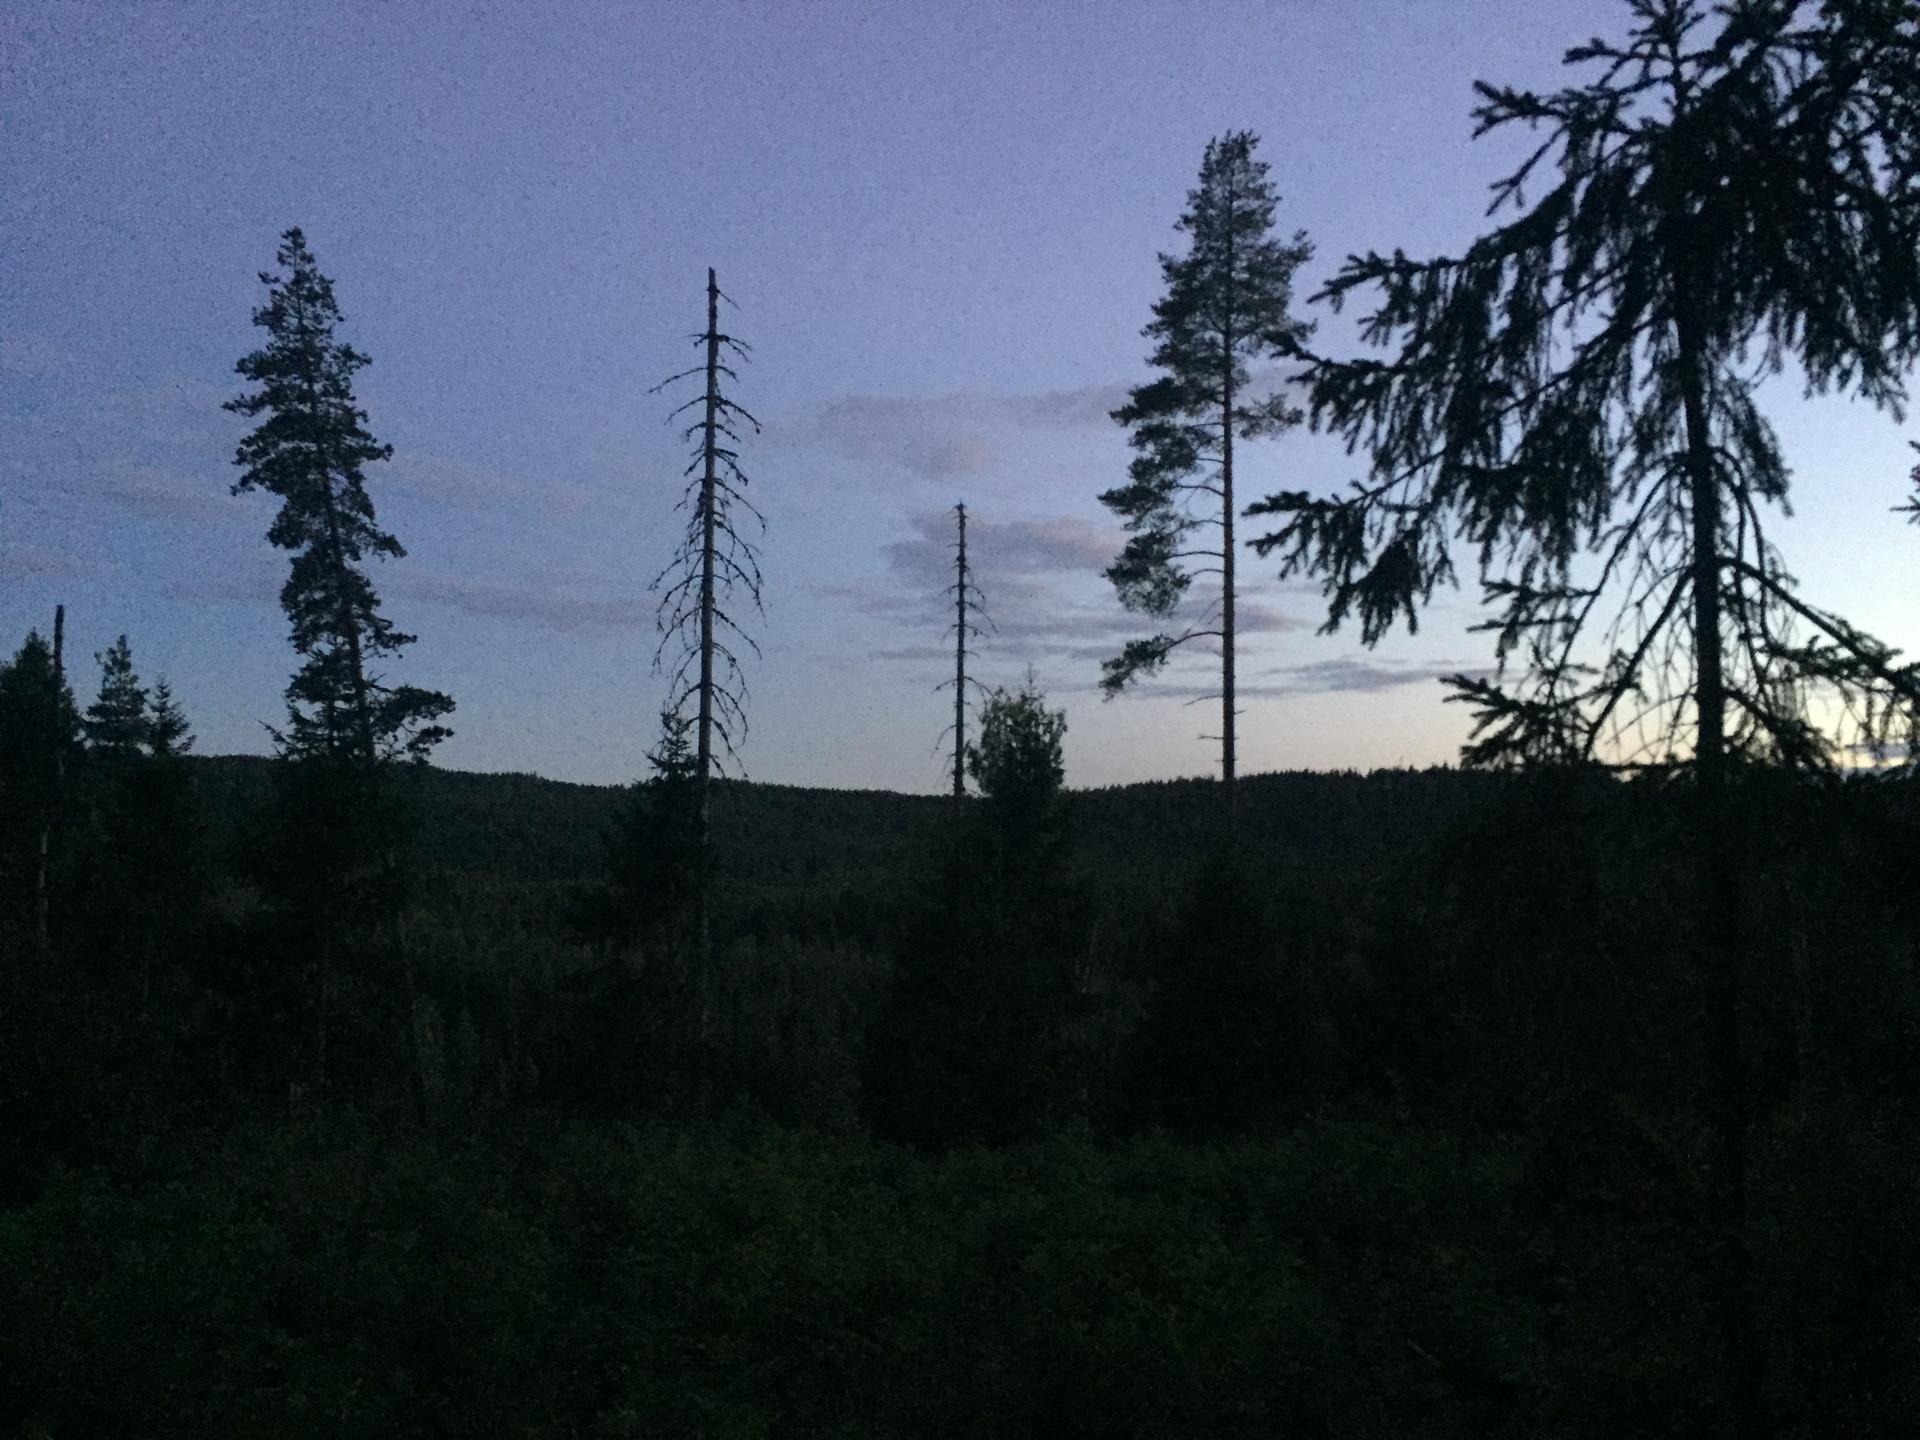 Ofte knaker det i skogen av fugler som skremmes opp når jeg kommer forbi. Her braket det høyere enn vanlig. Jeg stopper og ser rundt meg. I mørket, 20 meter unna, reiser det seg en elg fra buskene. Vi måler hverandre med øynene. Deretter smyger Skogens konge seg vekk.